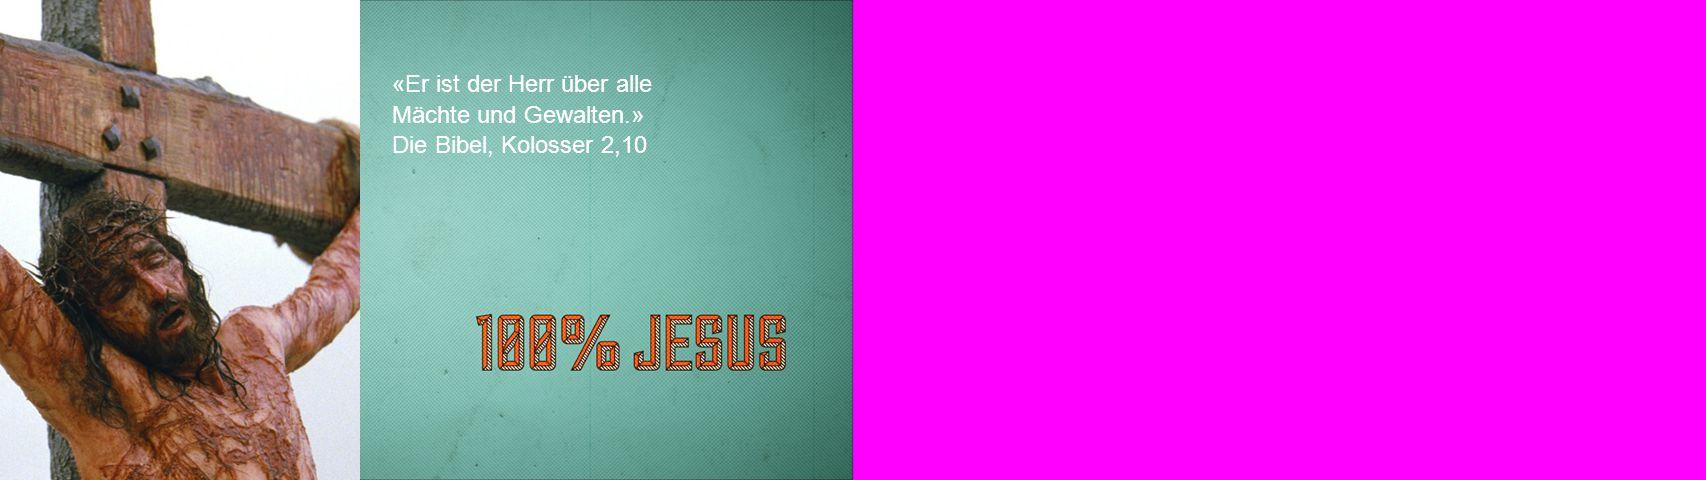 «Er ist der Herr über alle Mächte und Gewalten.» Die Bibel, Kolosser 2,10